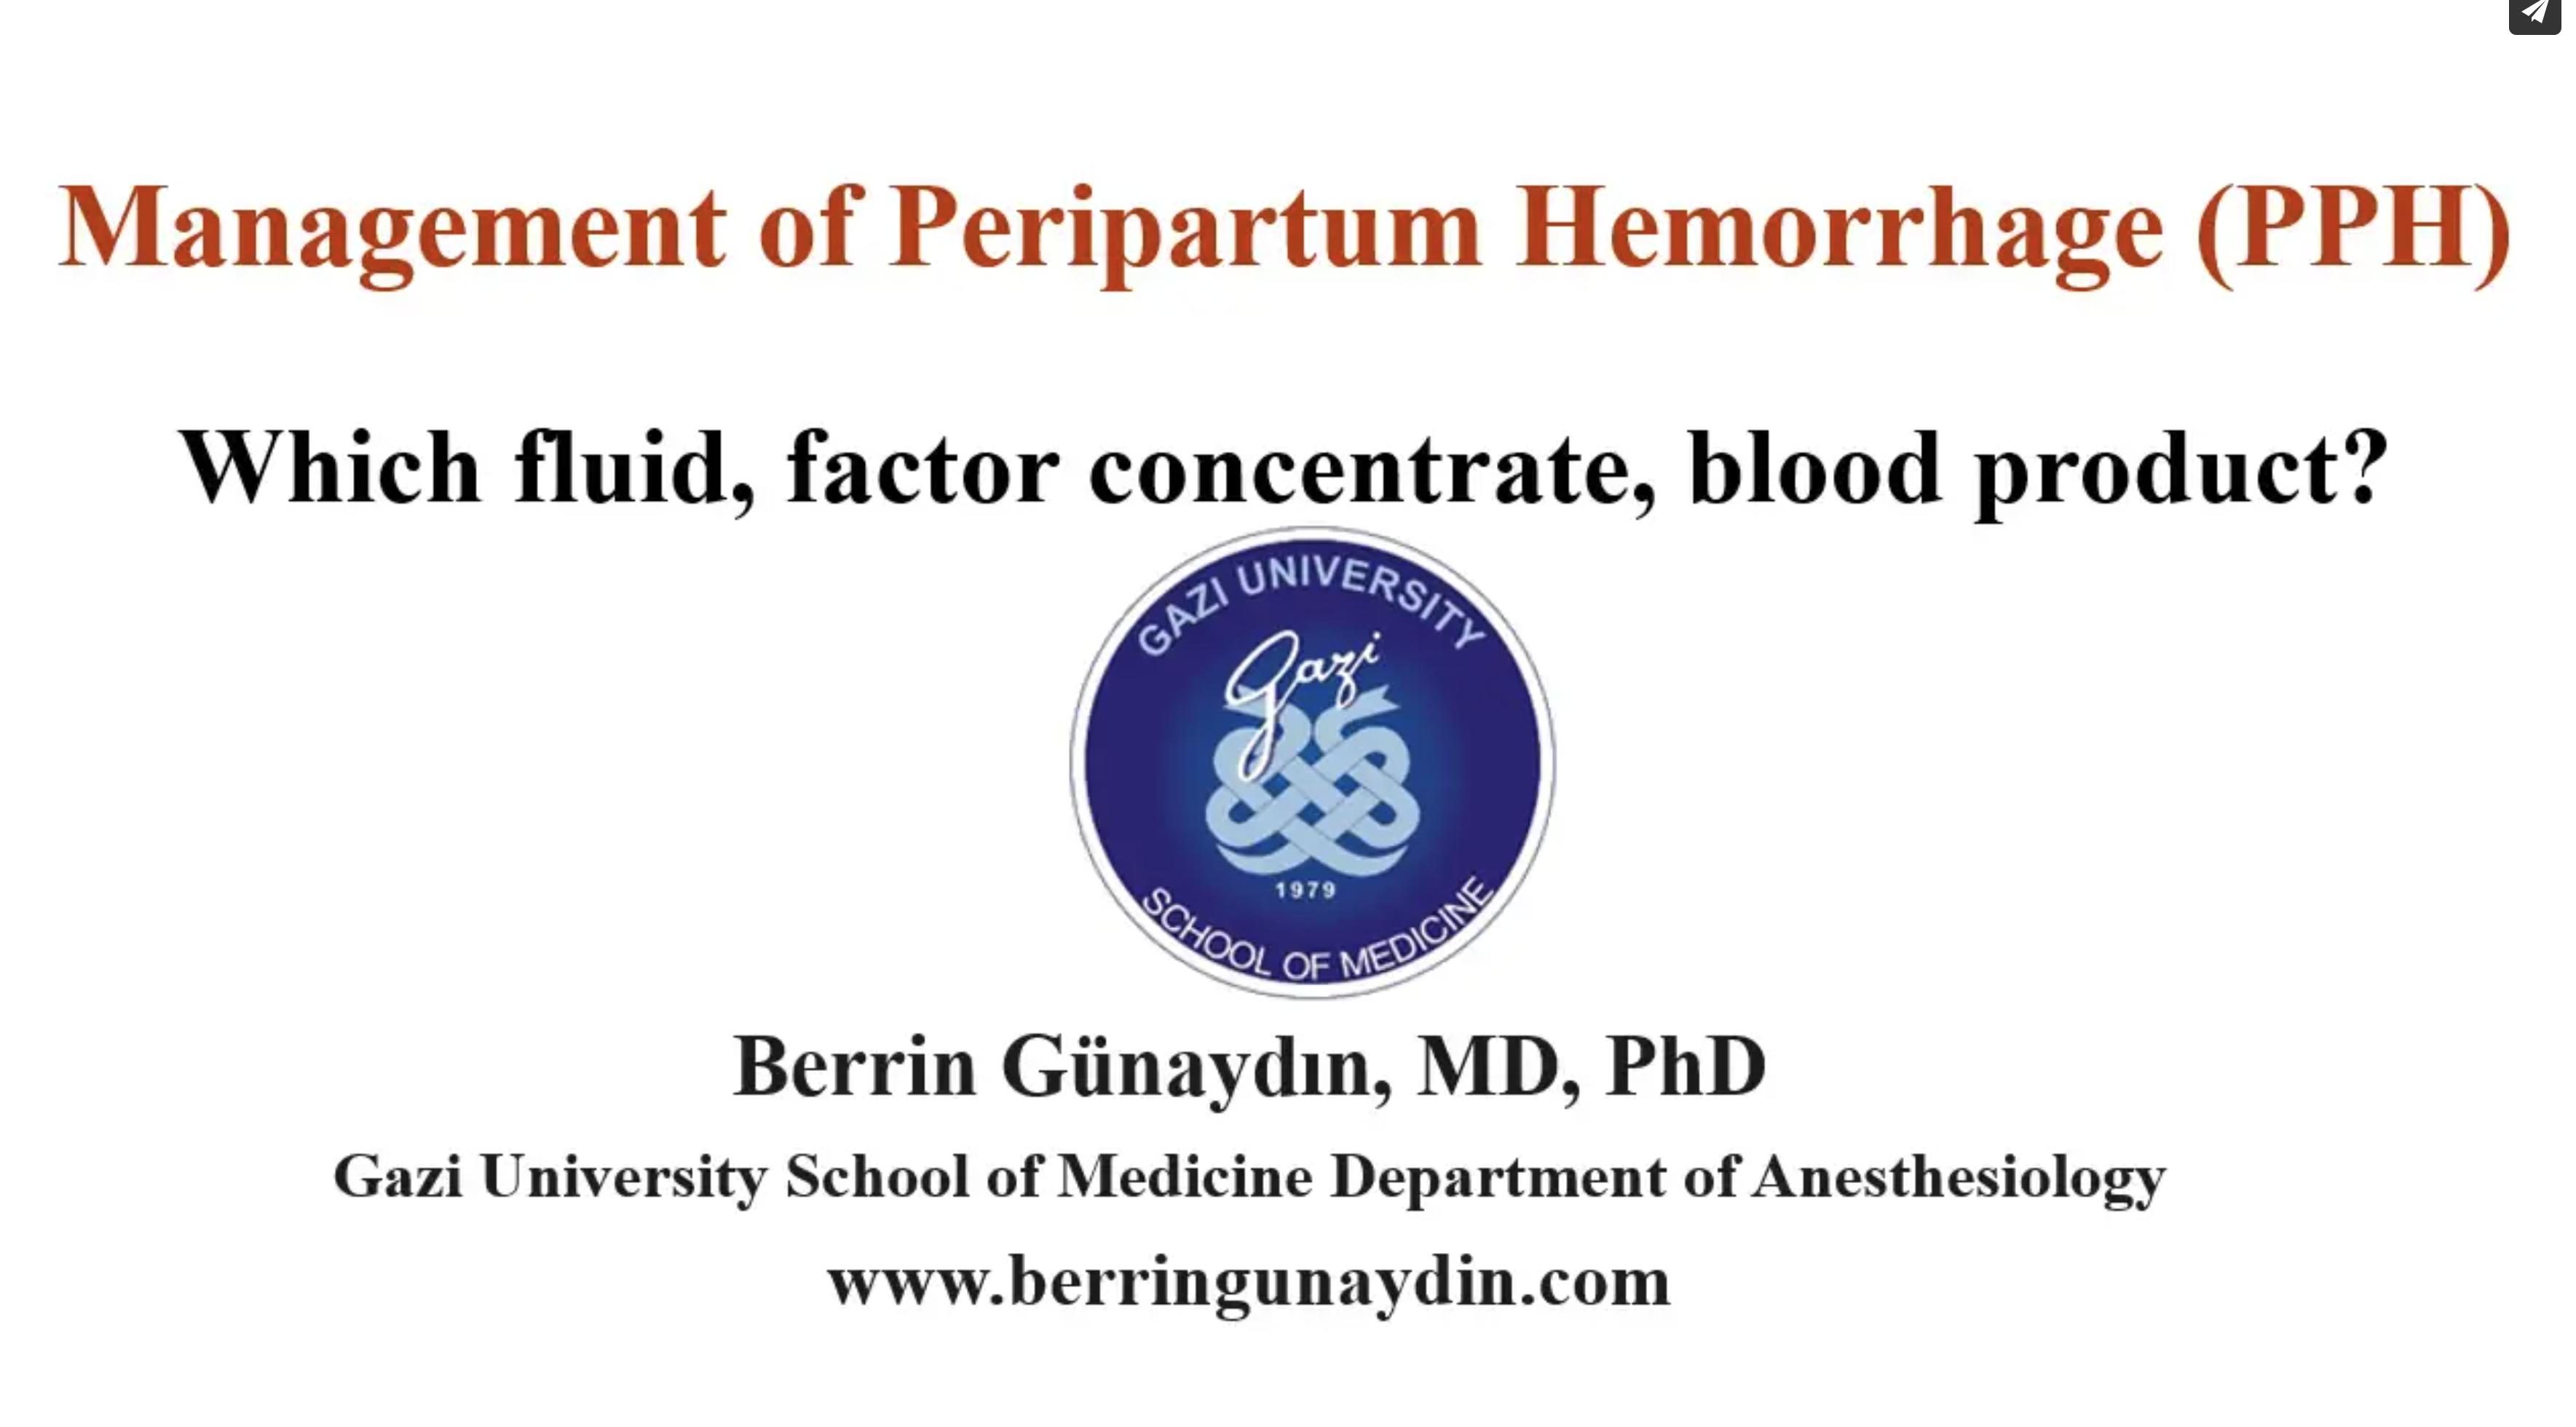 Management of Peripartum Hemorrhage (PPH)